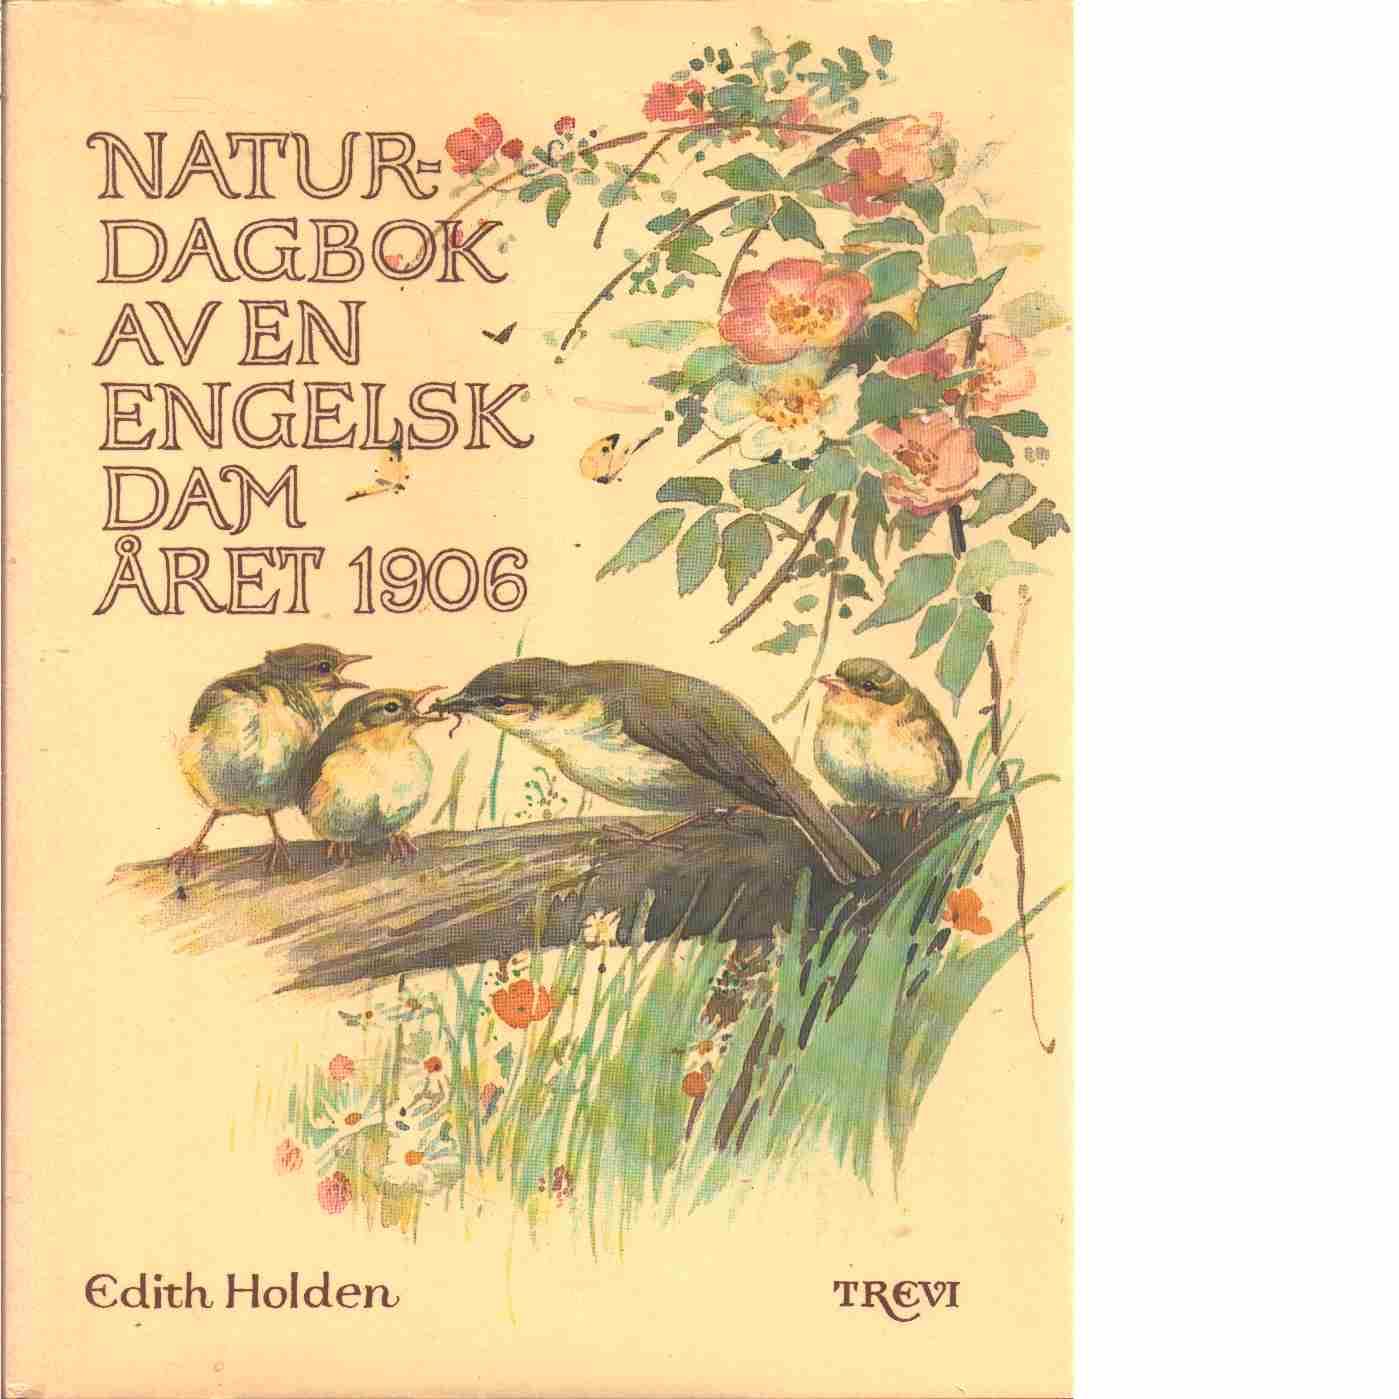 Naturdagbok av en engelsk dam året 1906 - Holden, Edith